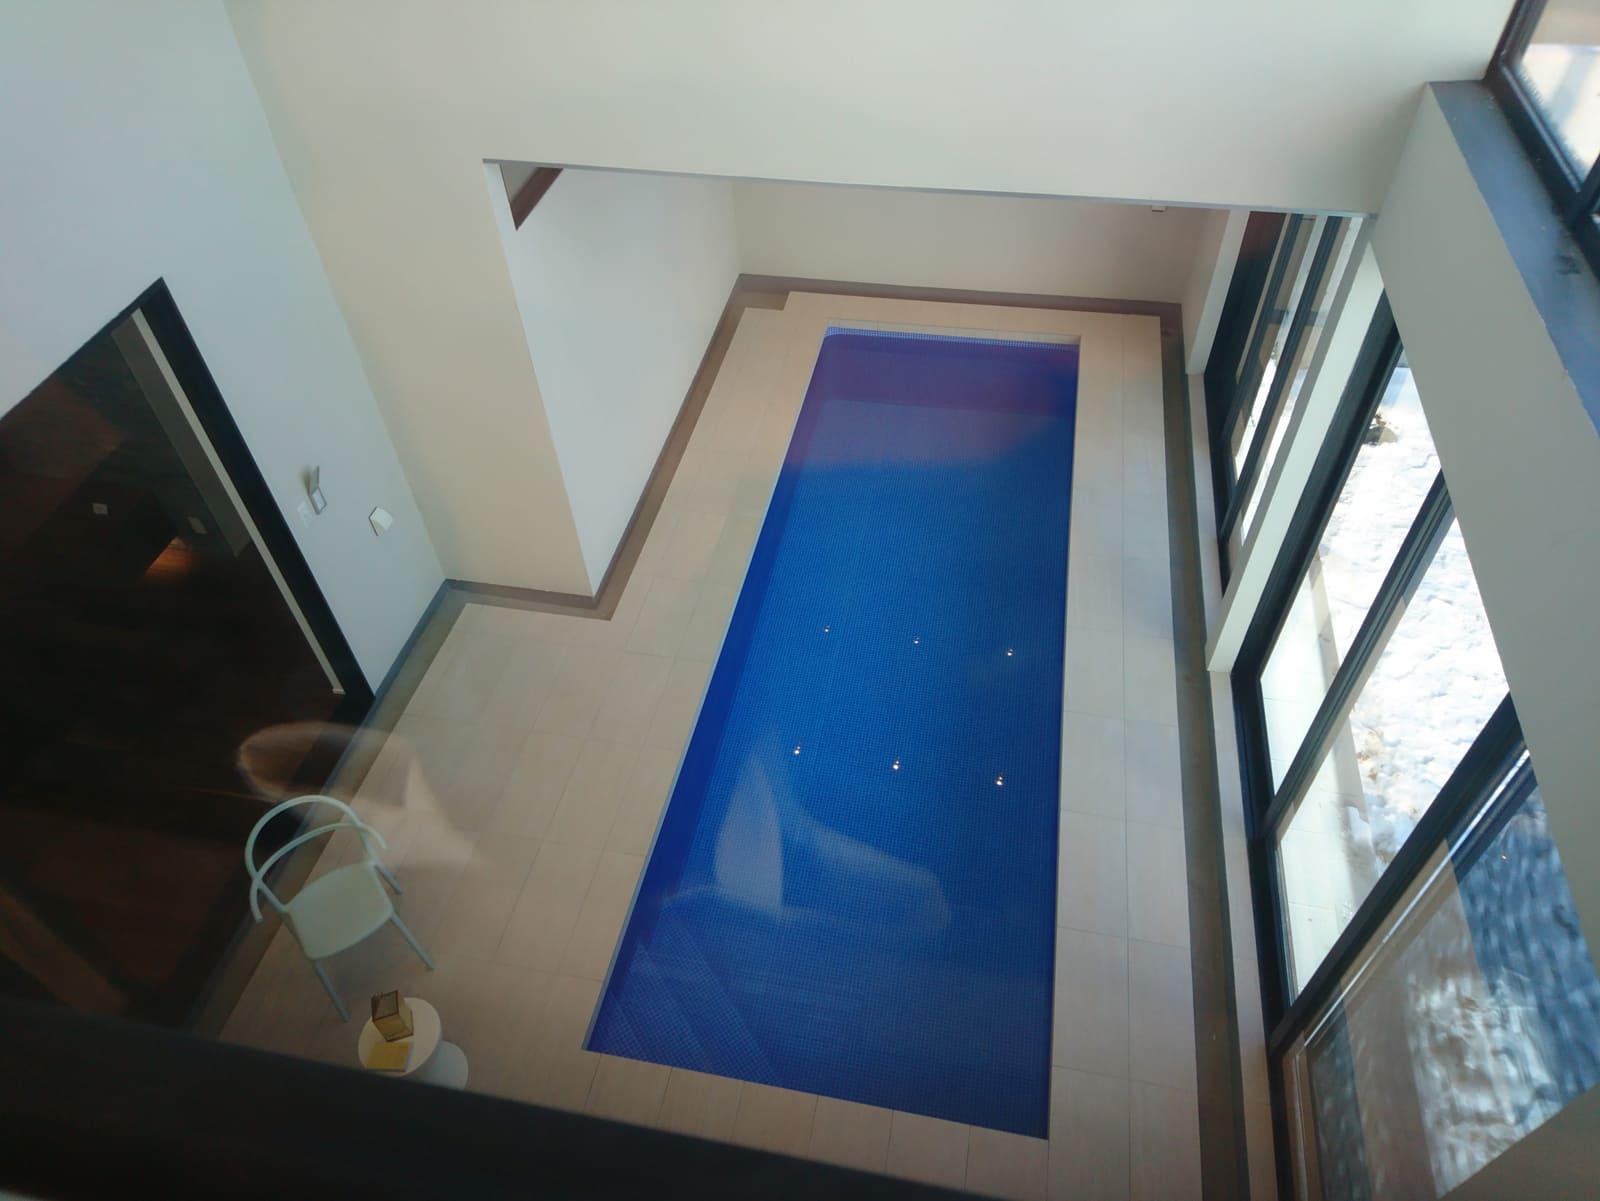 2階からも眺められるプライベートプール。家の中からとは思えない光景。夜はライトアップされてもっときれいに見えるらしい